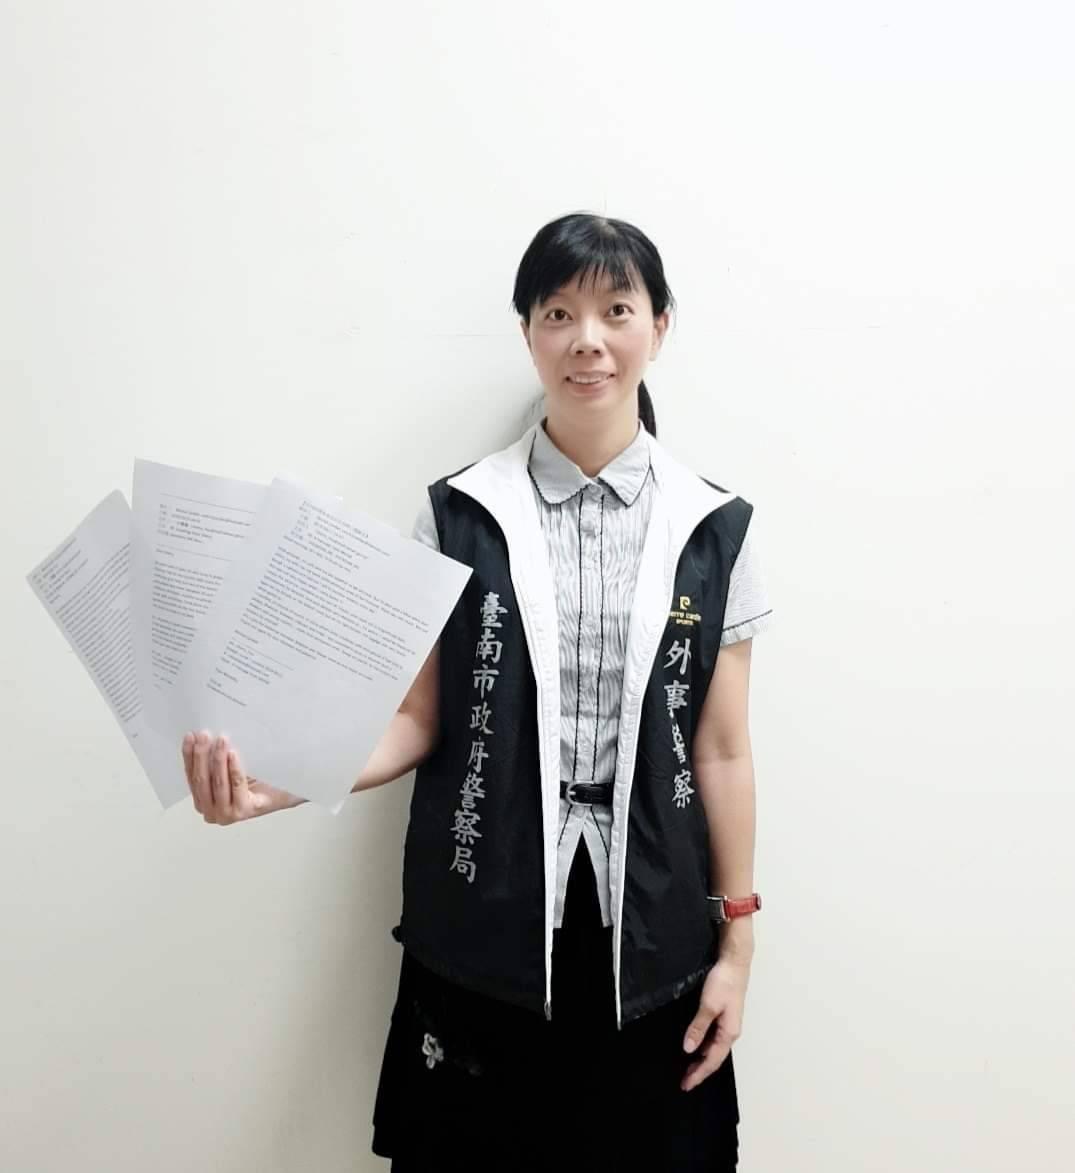 台南市警六分局巡官许俪馨,协助比利时人解决手机通讯问题。 图/台南市警六分局提供